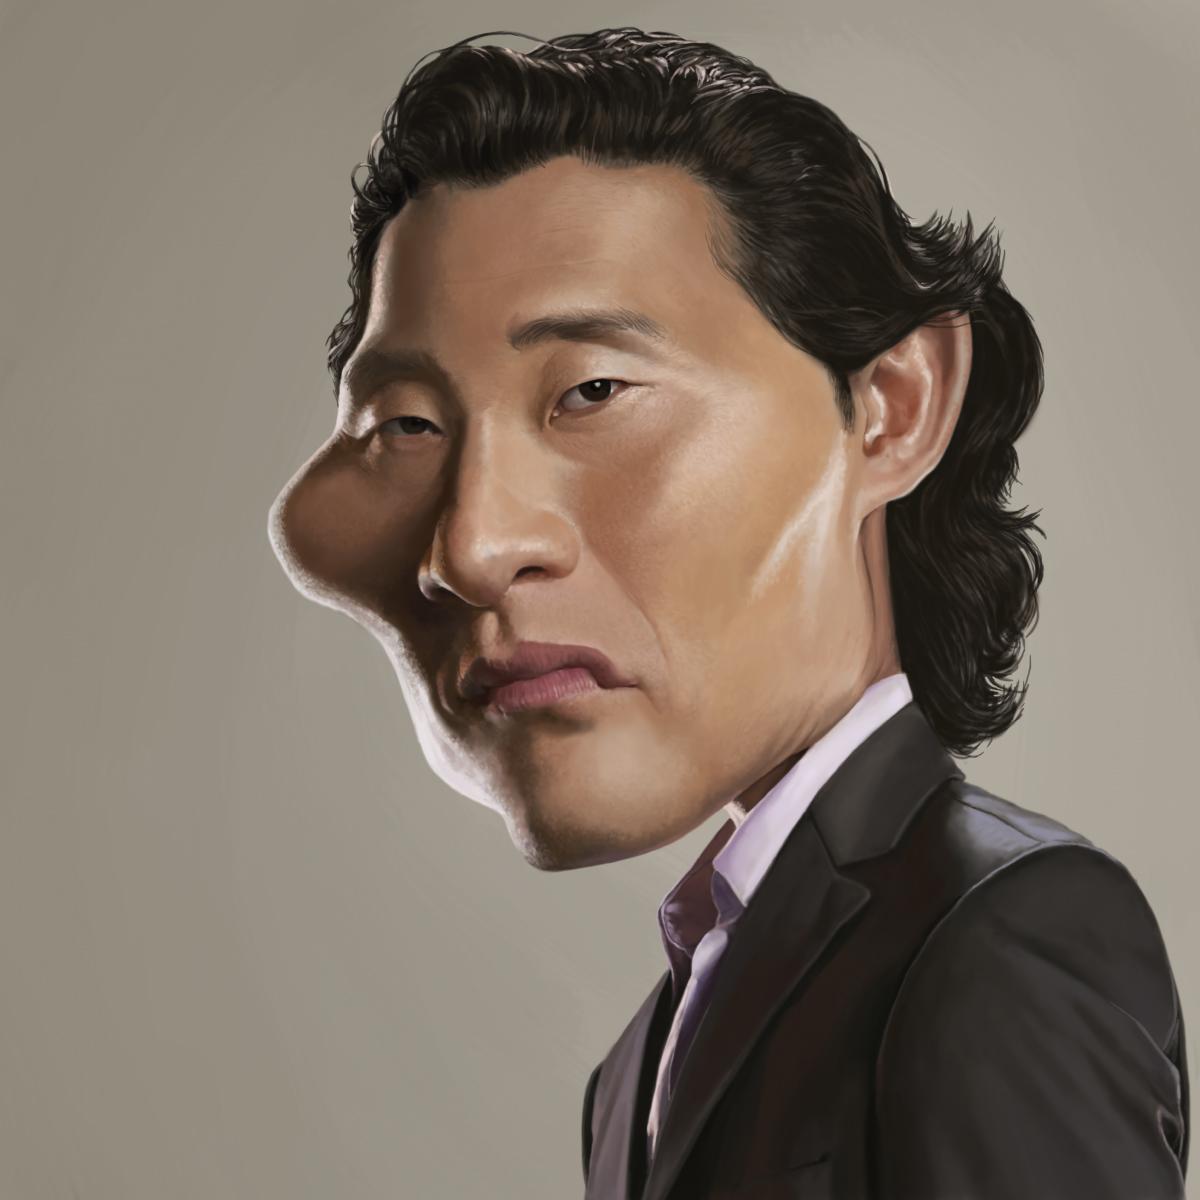 Daniel Dae Kim por Yoann Lori